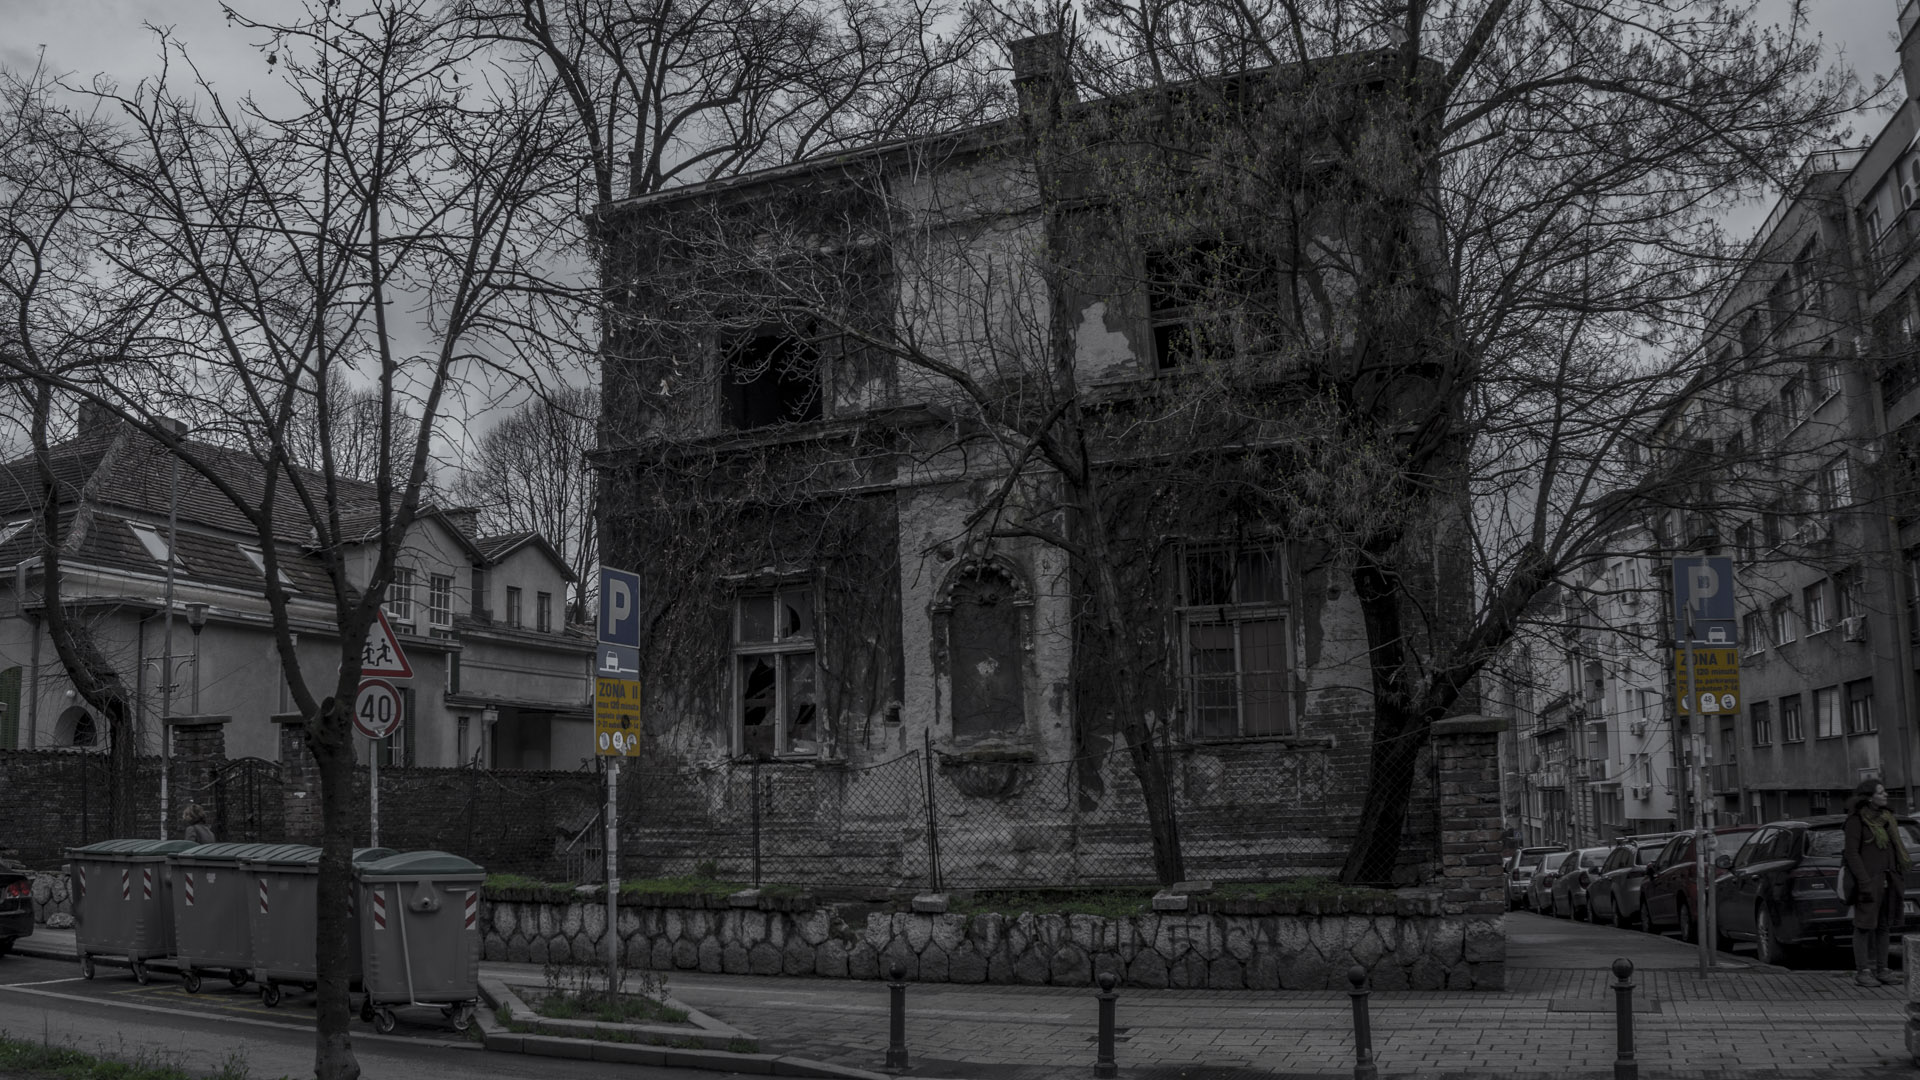 Následující galerie => Ze života domů (II) // Petr Nuska - Fotografie  - woreshack.cz